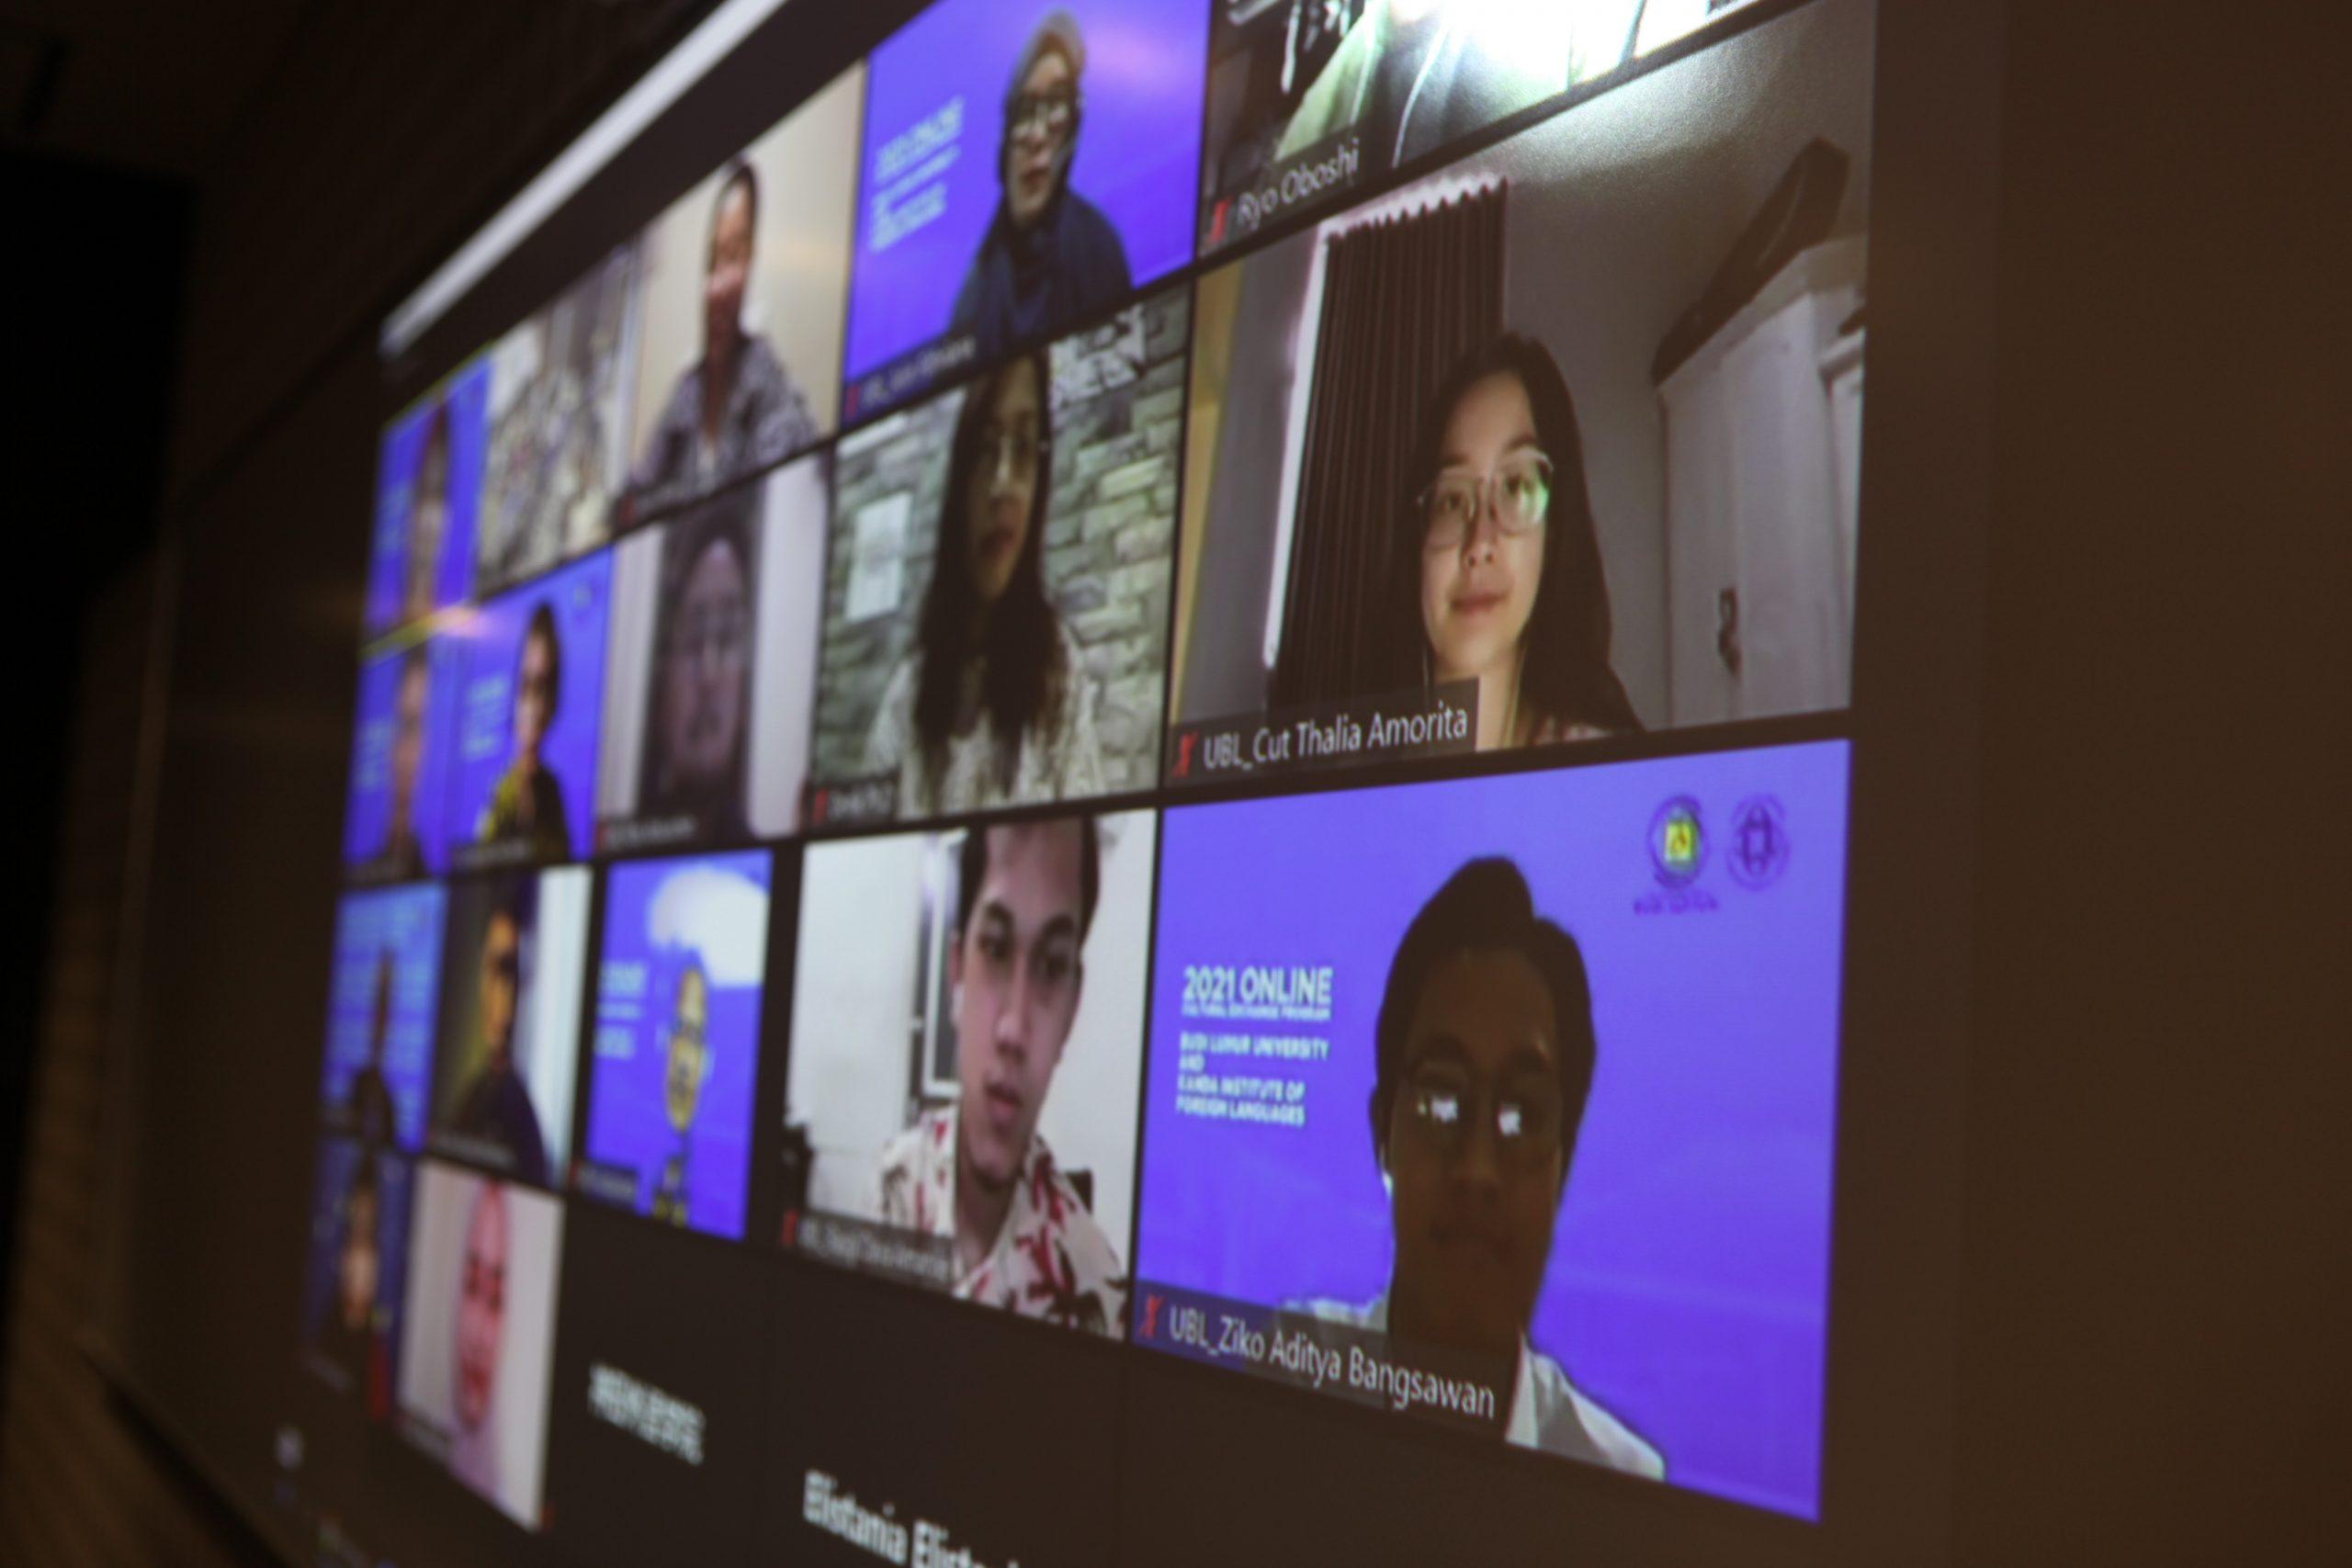 インドネシア・ブディルフール大学とのオンライン国際交流プログラムが始まりました